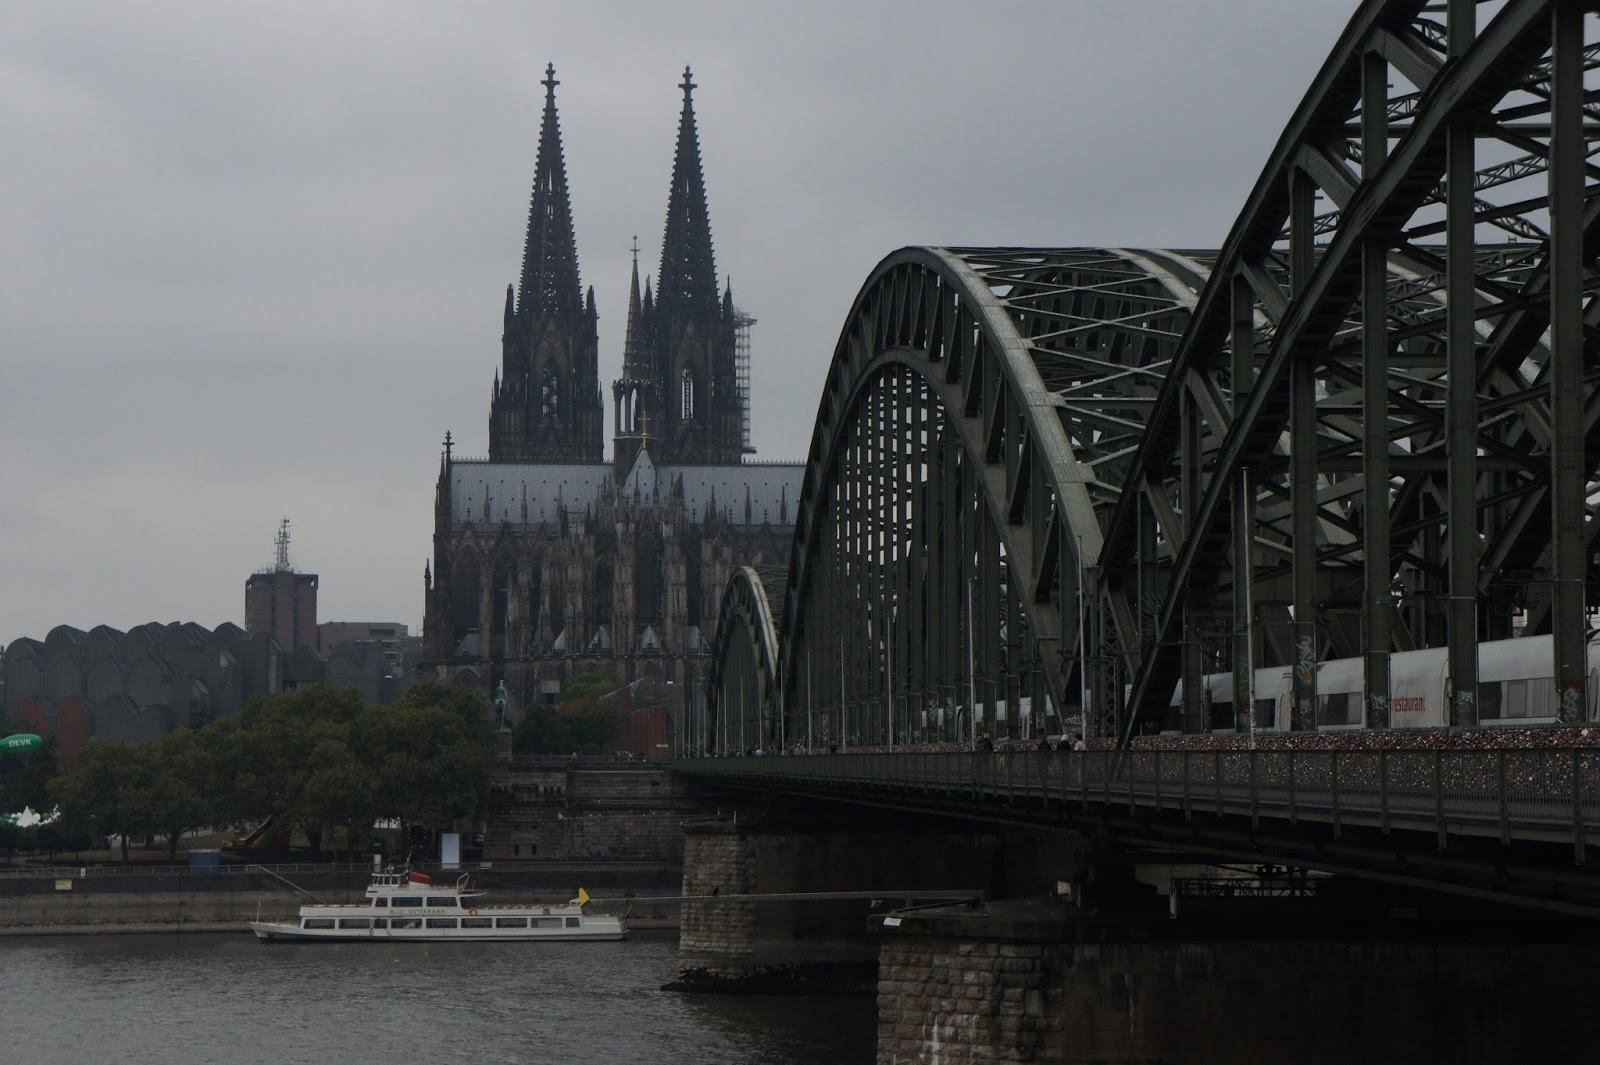 來去玩: 德國科隆景點—霍亨索倫橋(Hohenzollernbrücke)